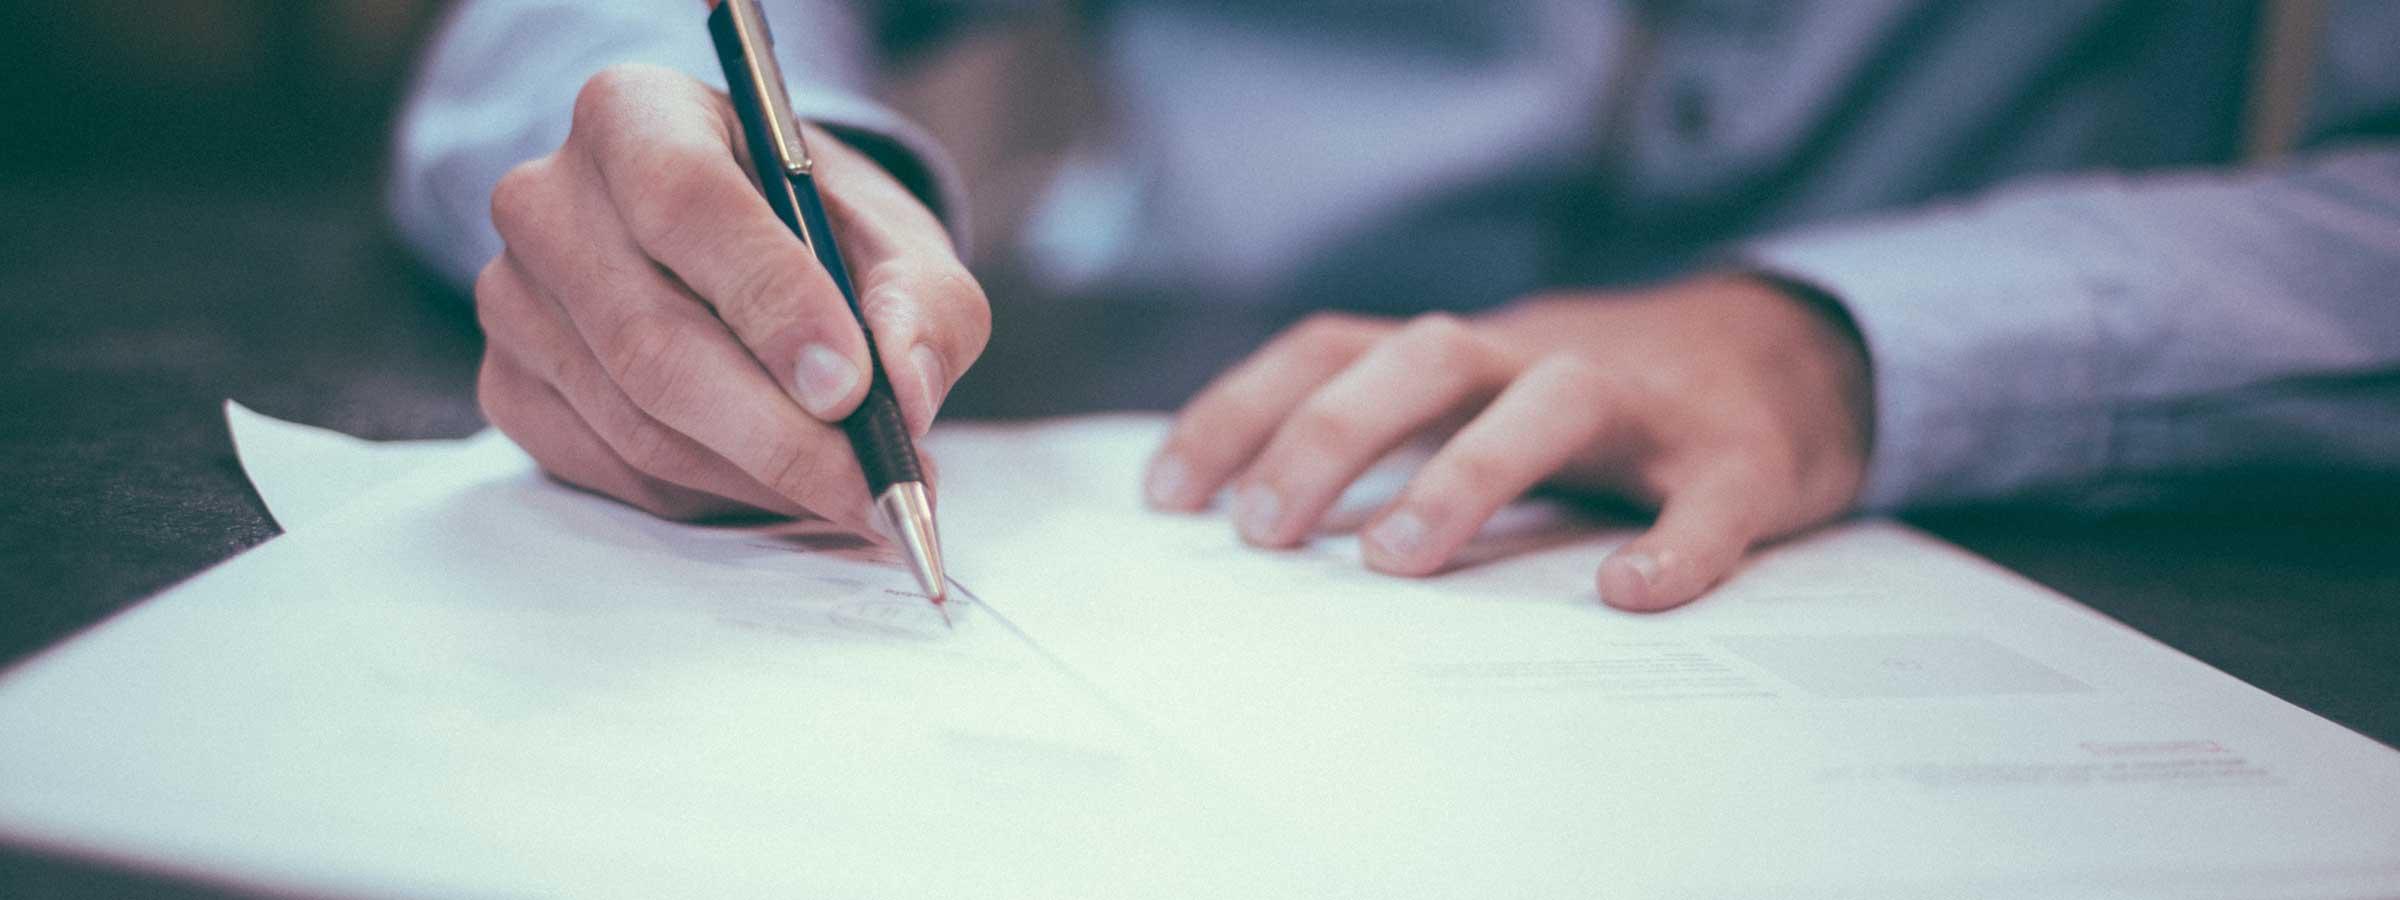 Addetto del comune appone una firma sui documenti necessari alle ristrutturazioni edilizie